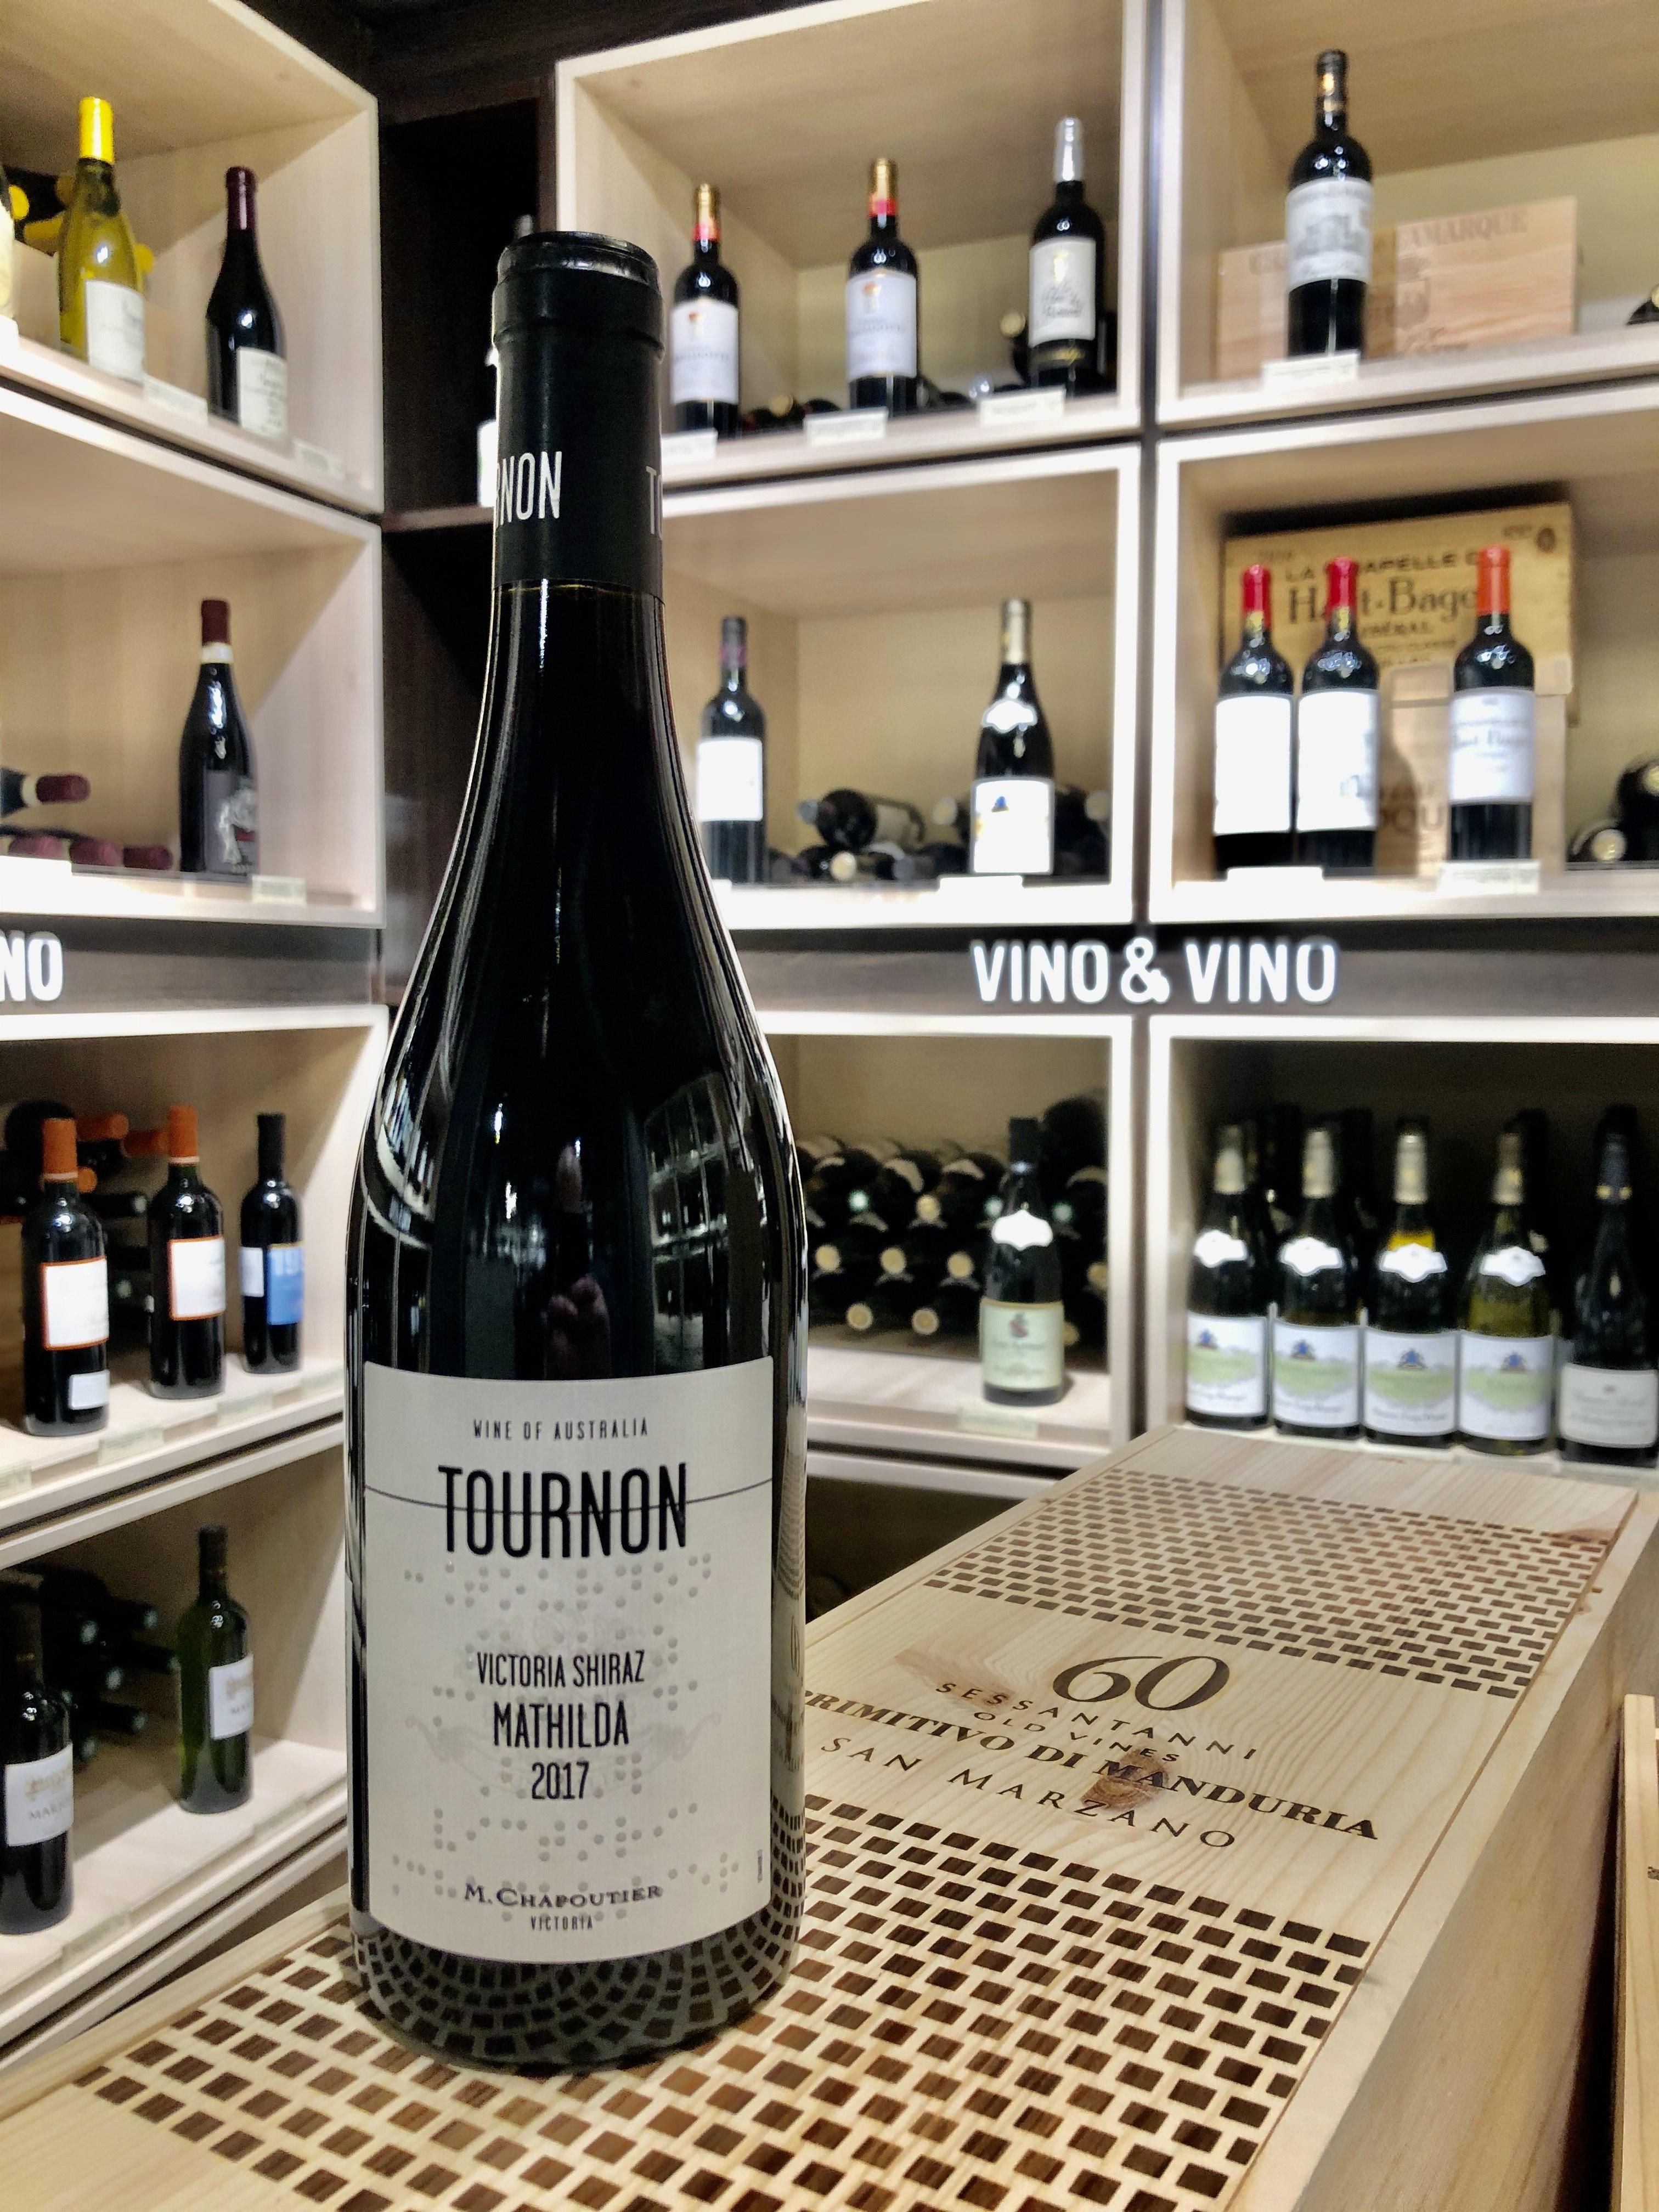 Tournon Victoria Shyraz